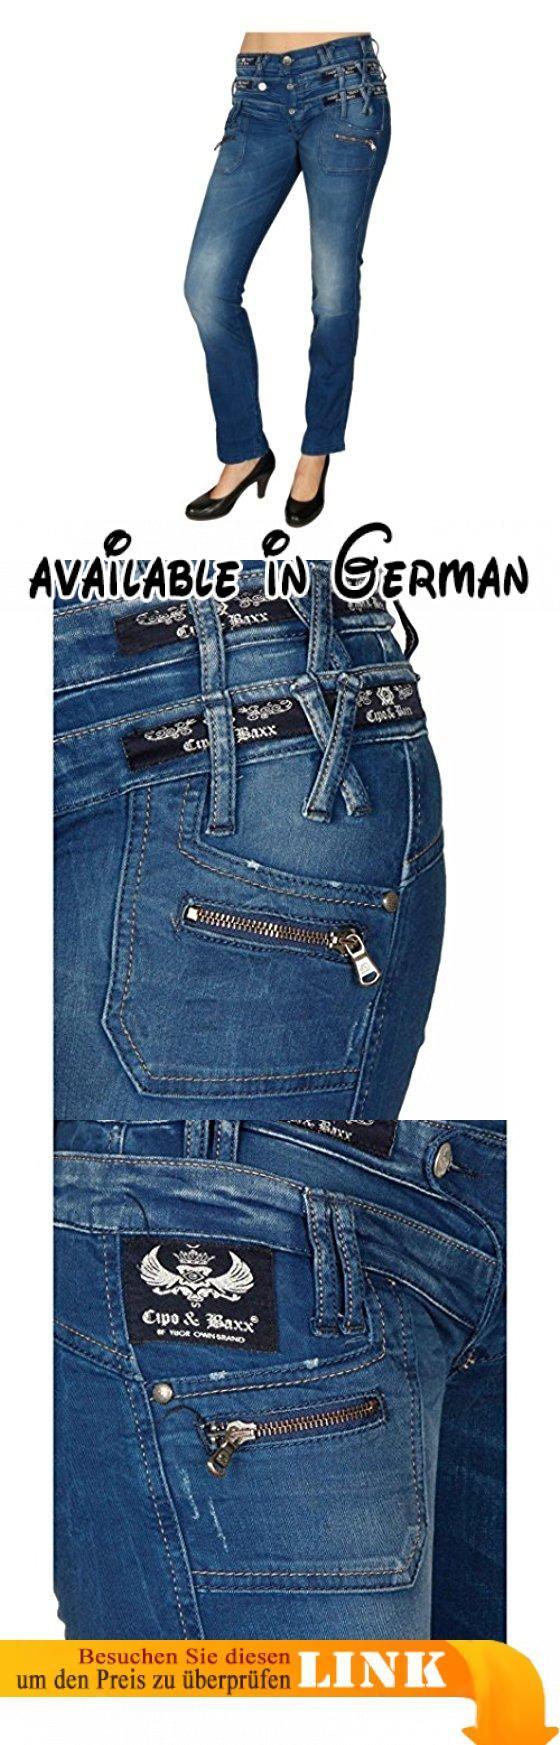 Damen Jeans Hose. Angesagte Jeans mit 3-stufigem Bund. Hoher Tragekomfort durch reine Baumwolle. Zusätzliche Reißverschlüsse unter den Eingrifftaschen. Gerader und figurbetonter Schnitt. Cipo&Baxx-Logos zieren den Bund #Apparel #PANTS